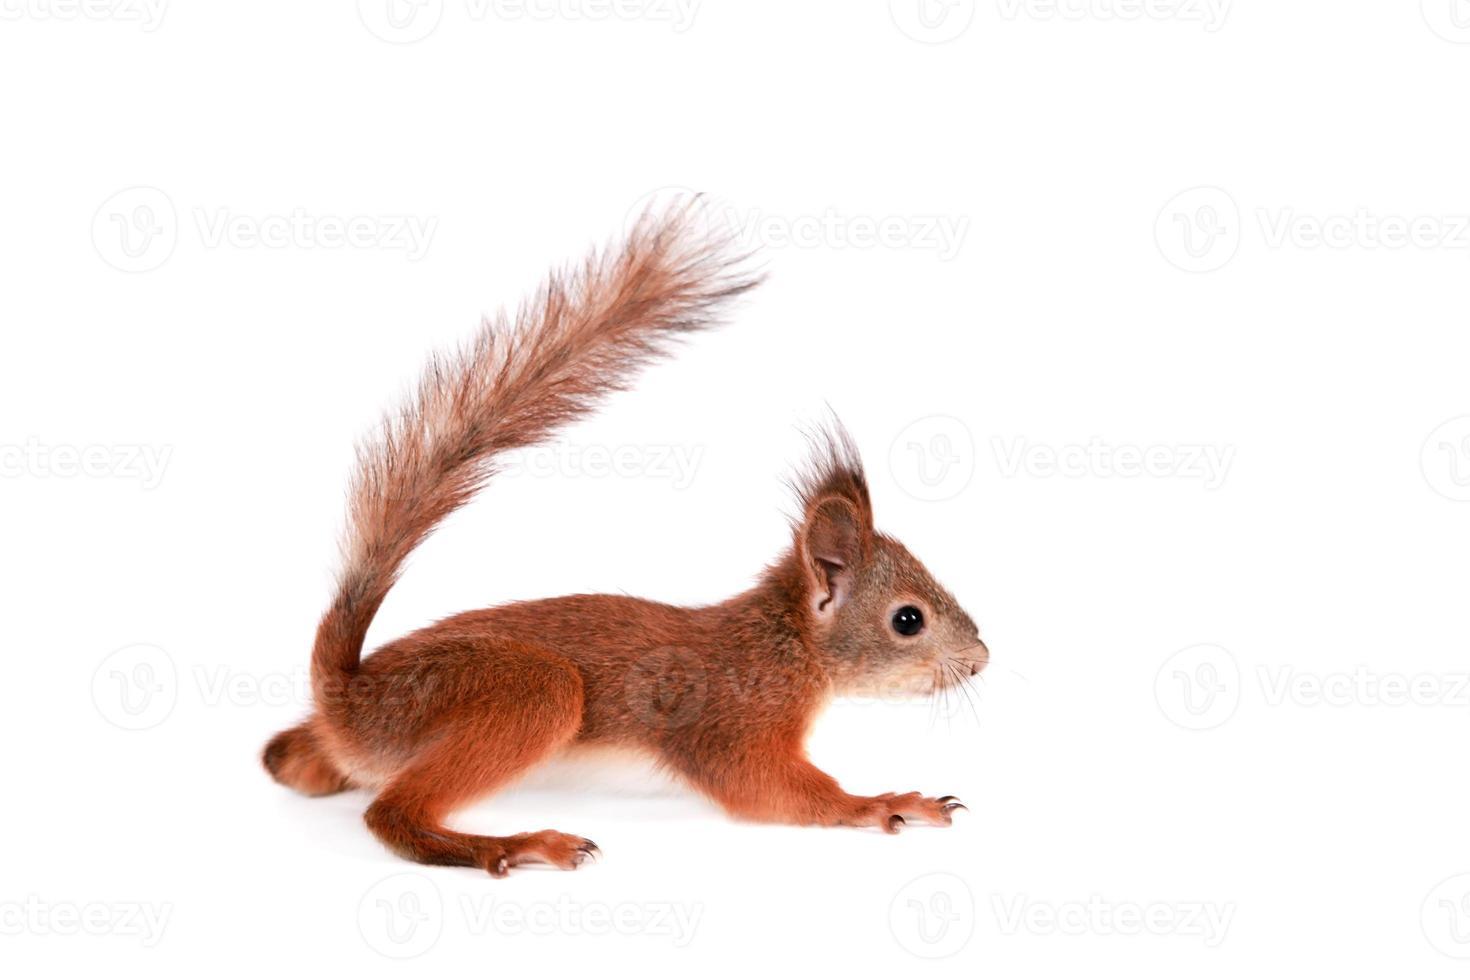 Eurasisches Eichhörnchen, Sciurus vulgaris auf Weiß foto